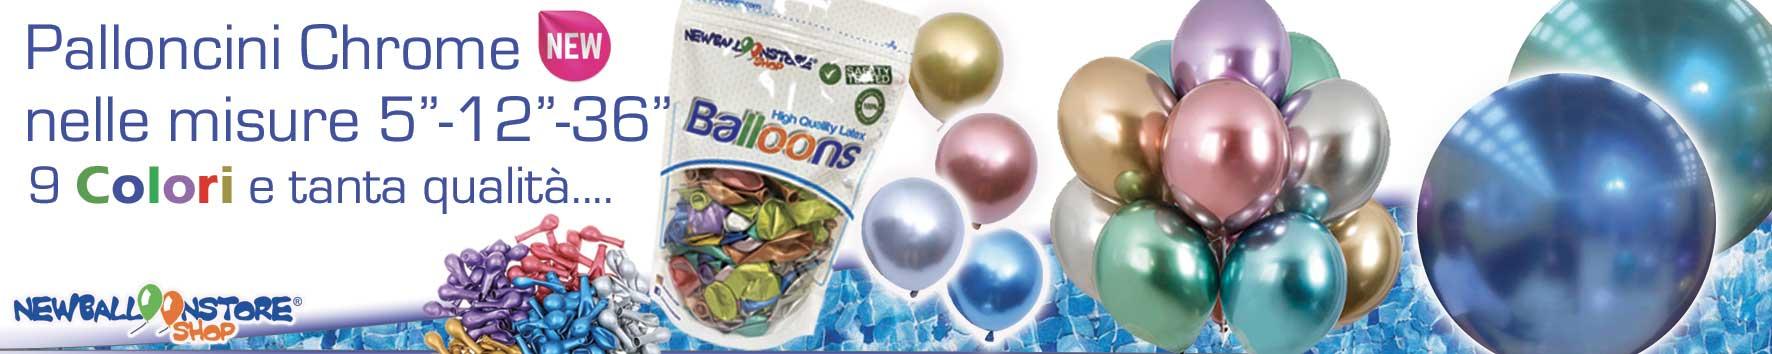 palloncini-chrome-banner-newballoonstore